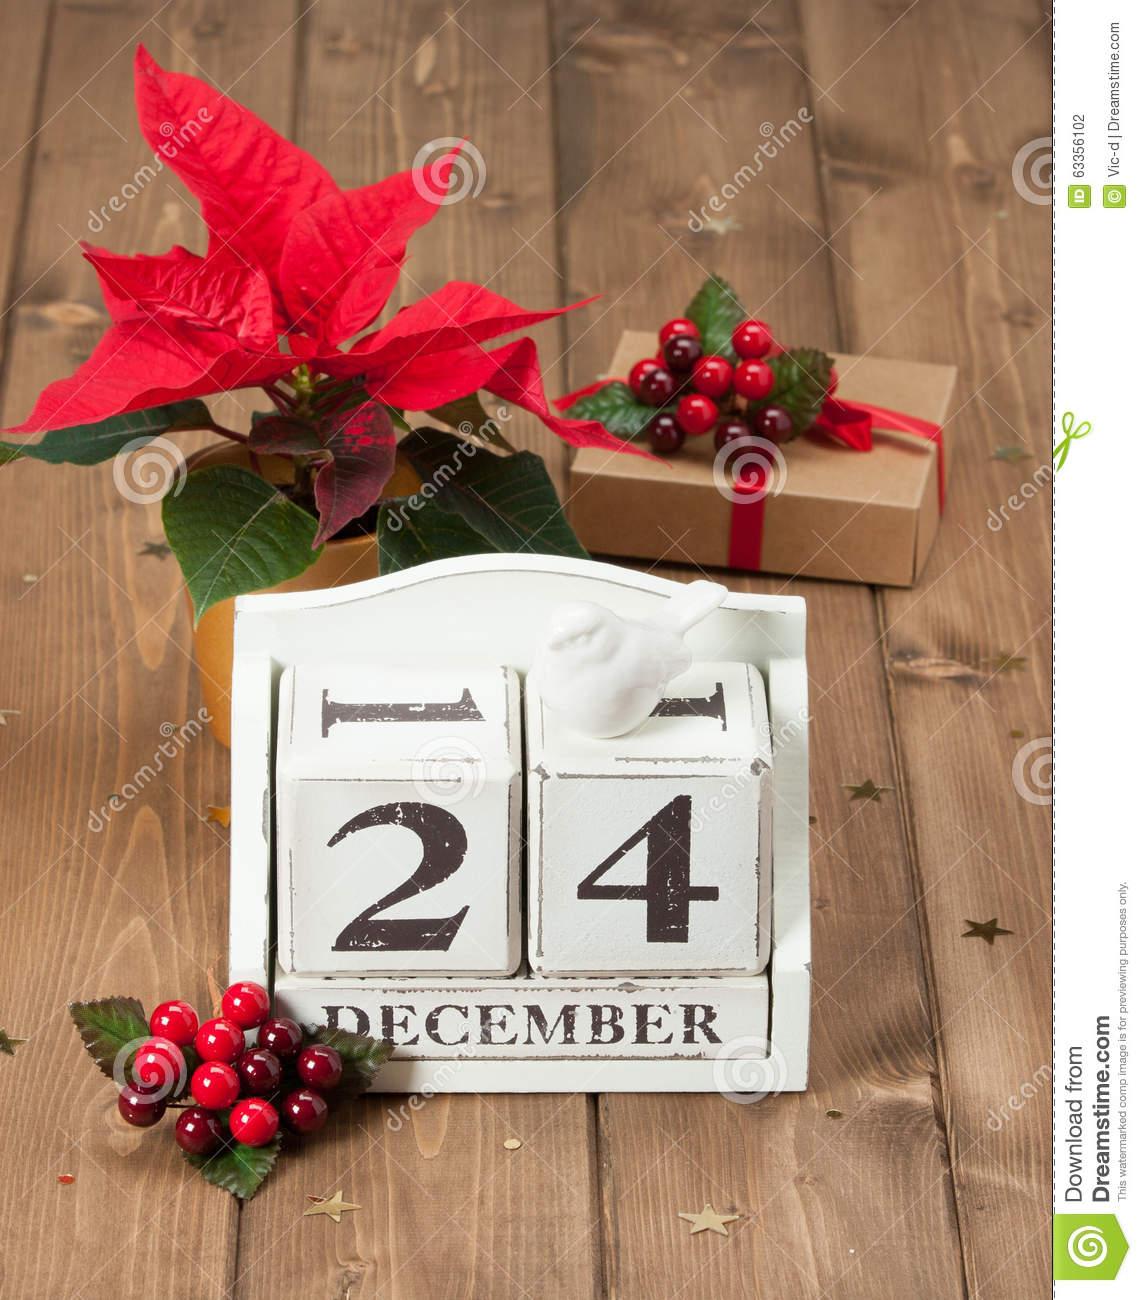 Calendar clipart december 24 jpg stock Calendar clipart december 24 - ClipartFox jpg stock